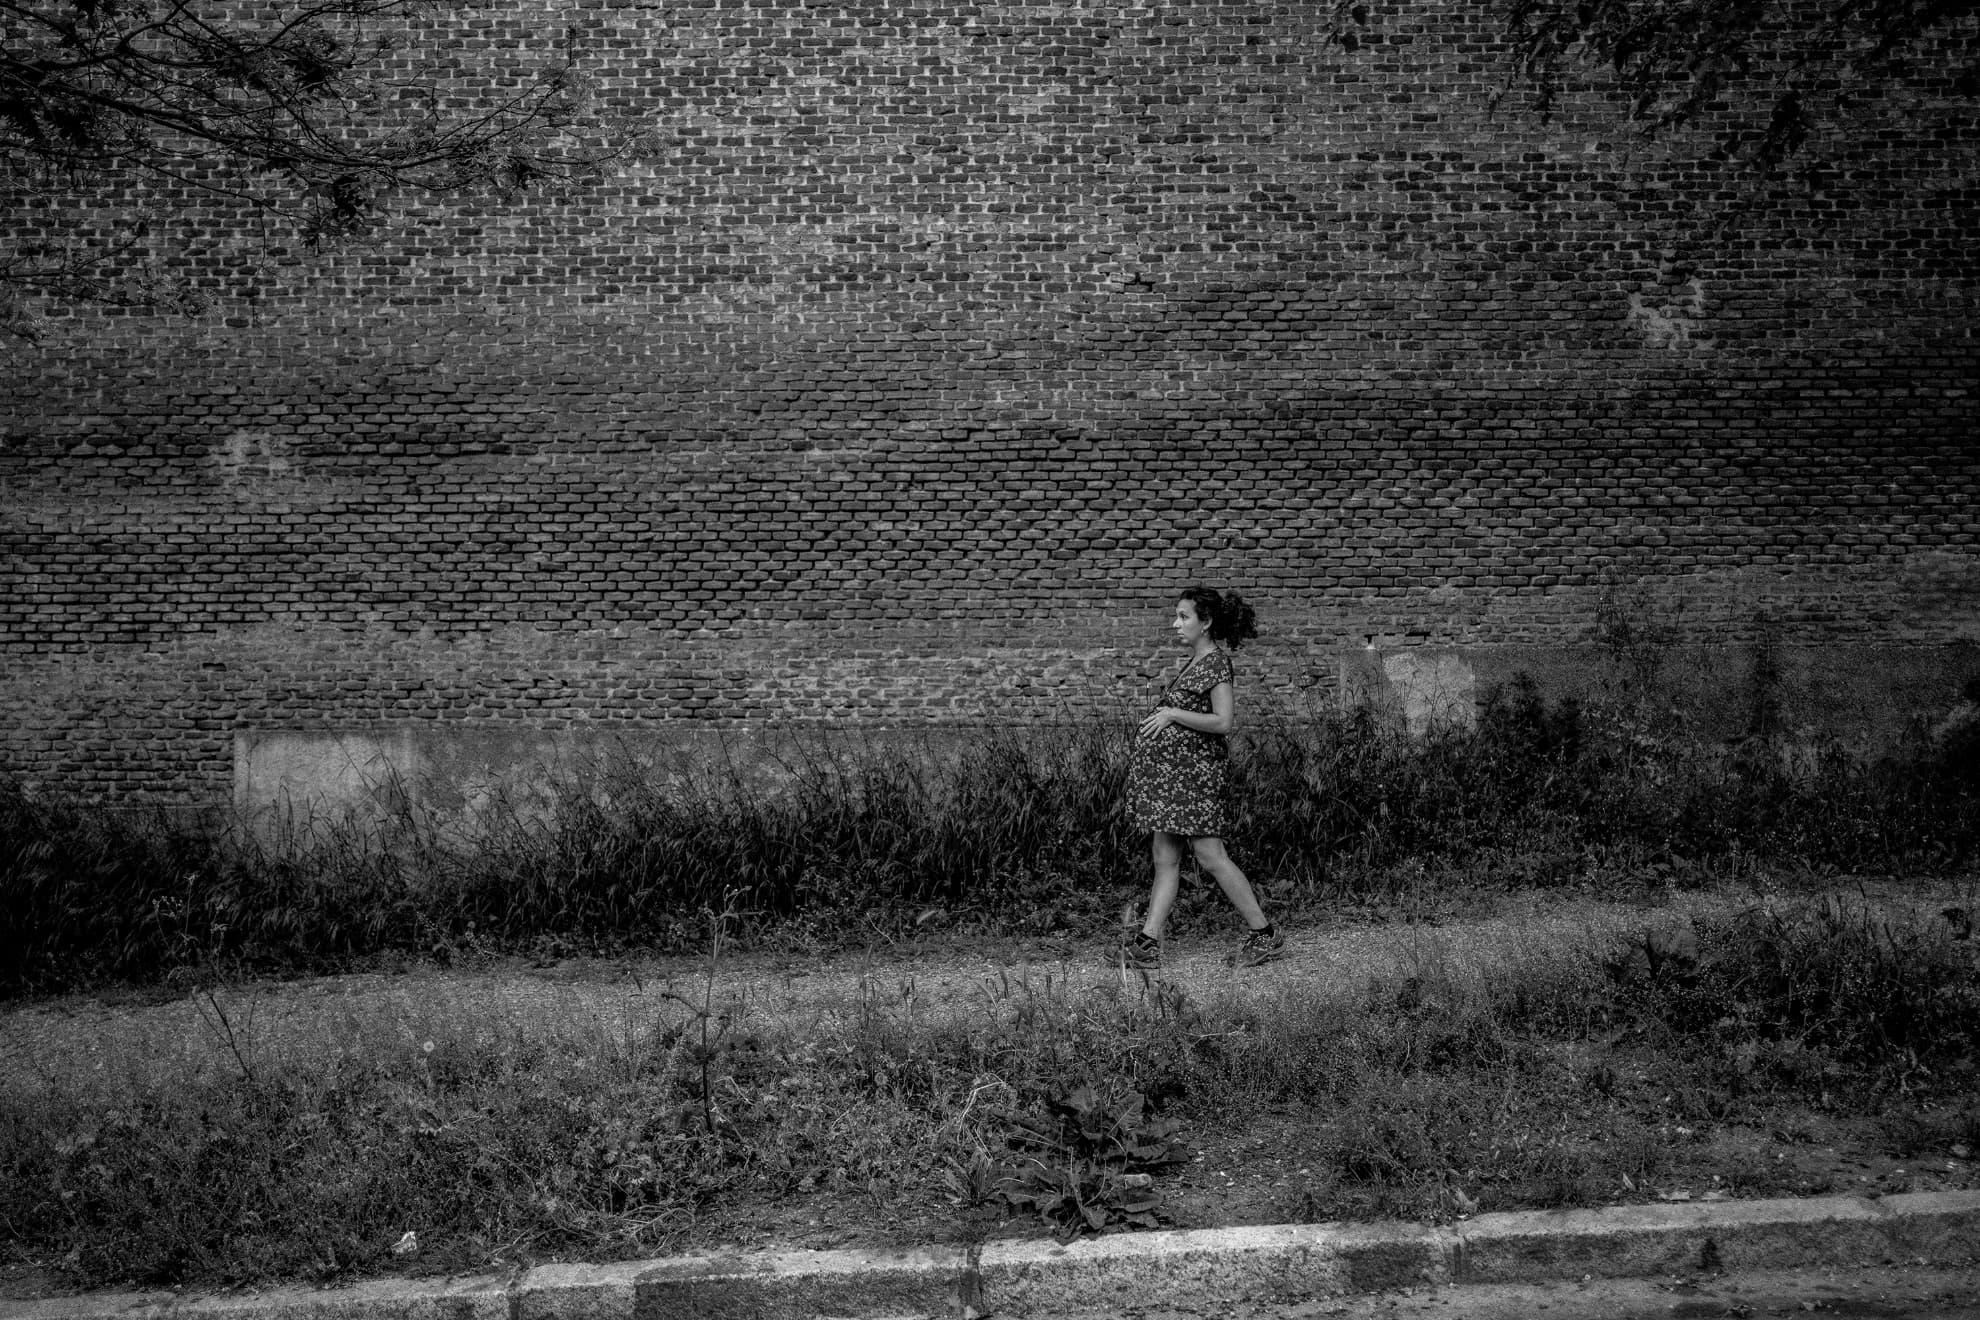 Volvimos a pasear por segundo atardecer consecutivo. Esta vez buscamos una ruta nueva por el barrio, alguna alternativa menos transitada. Sin embargo, el cierre de parques y zonas verdes en Madrid no lo pone fácil. Las aceras no dan más de sí y en varios momentos no hay otra alternativa que caminar por la calzada. Al final, rodeando la tapia del cementerio de San Isidro, en un camino de gravilla, conseguí dar en soledad mis cortos y pesados pasos mientras acaricio mi ya pesado vientre. Ojalá los paseos con Iria sean lejos del asfalto.